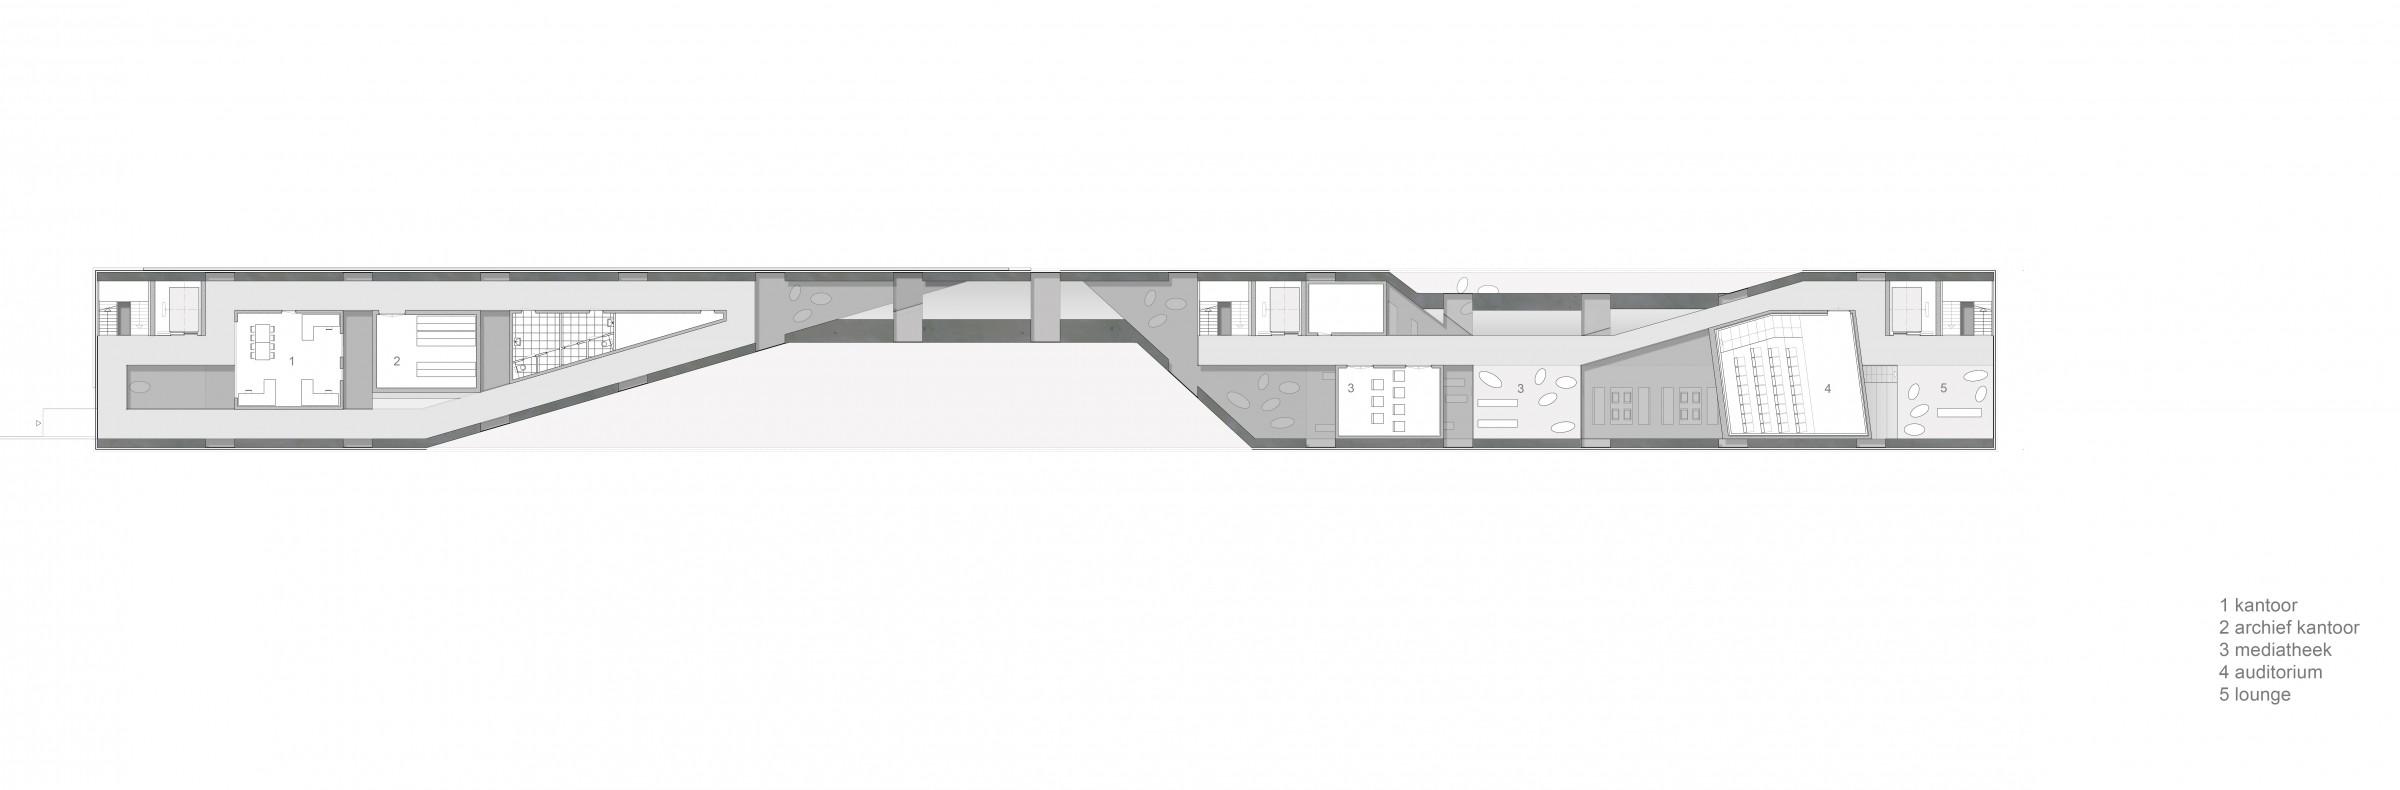 Plattegrond Kleine Keuken : Doorsnede1 archief2 kantoor3 onderhoud archief4 lounge5 mediatheek6